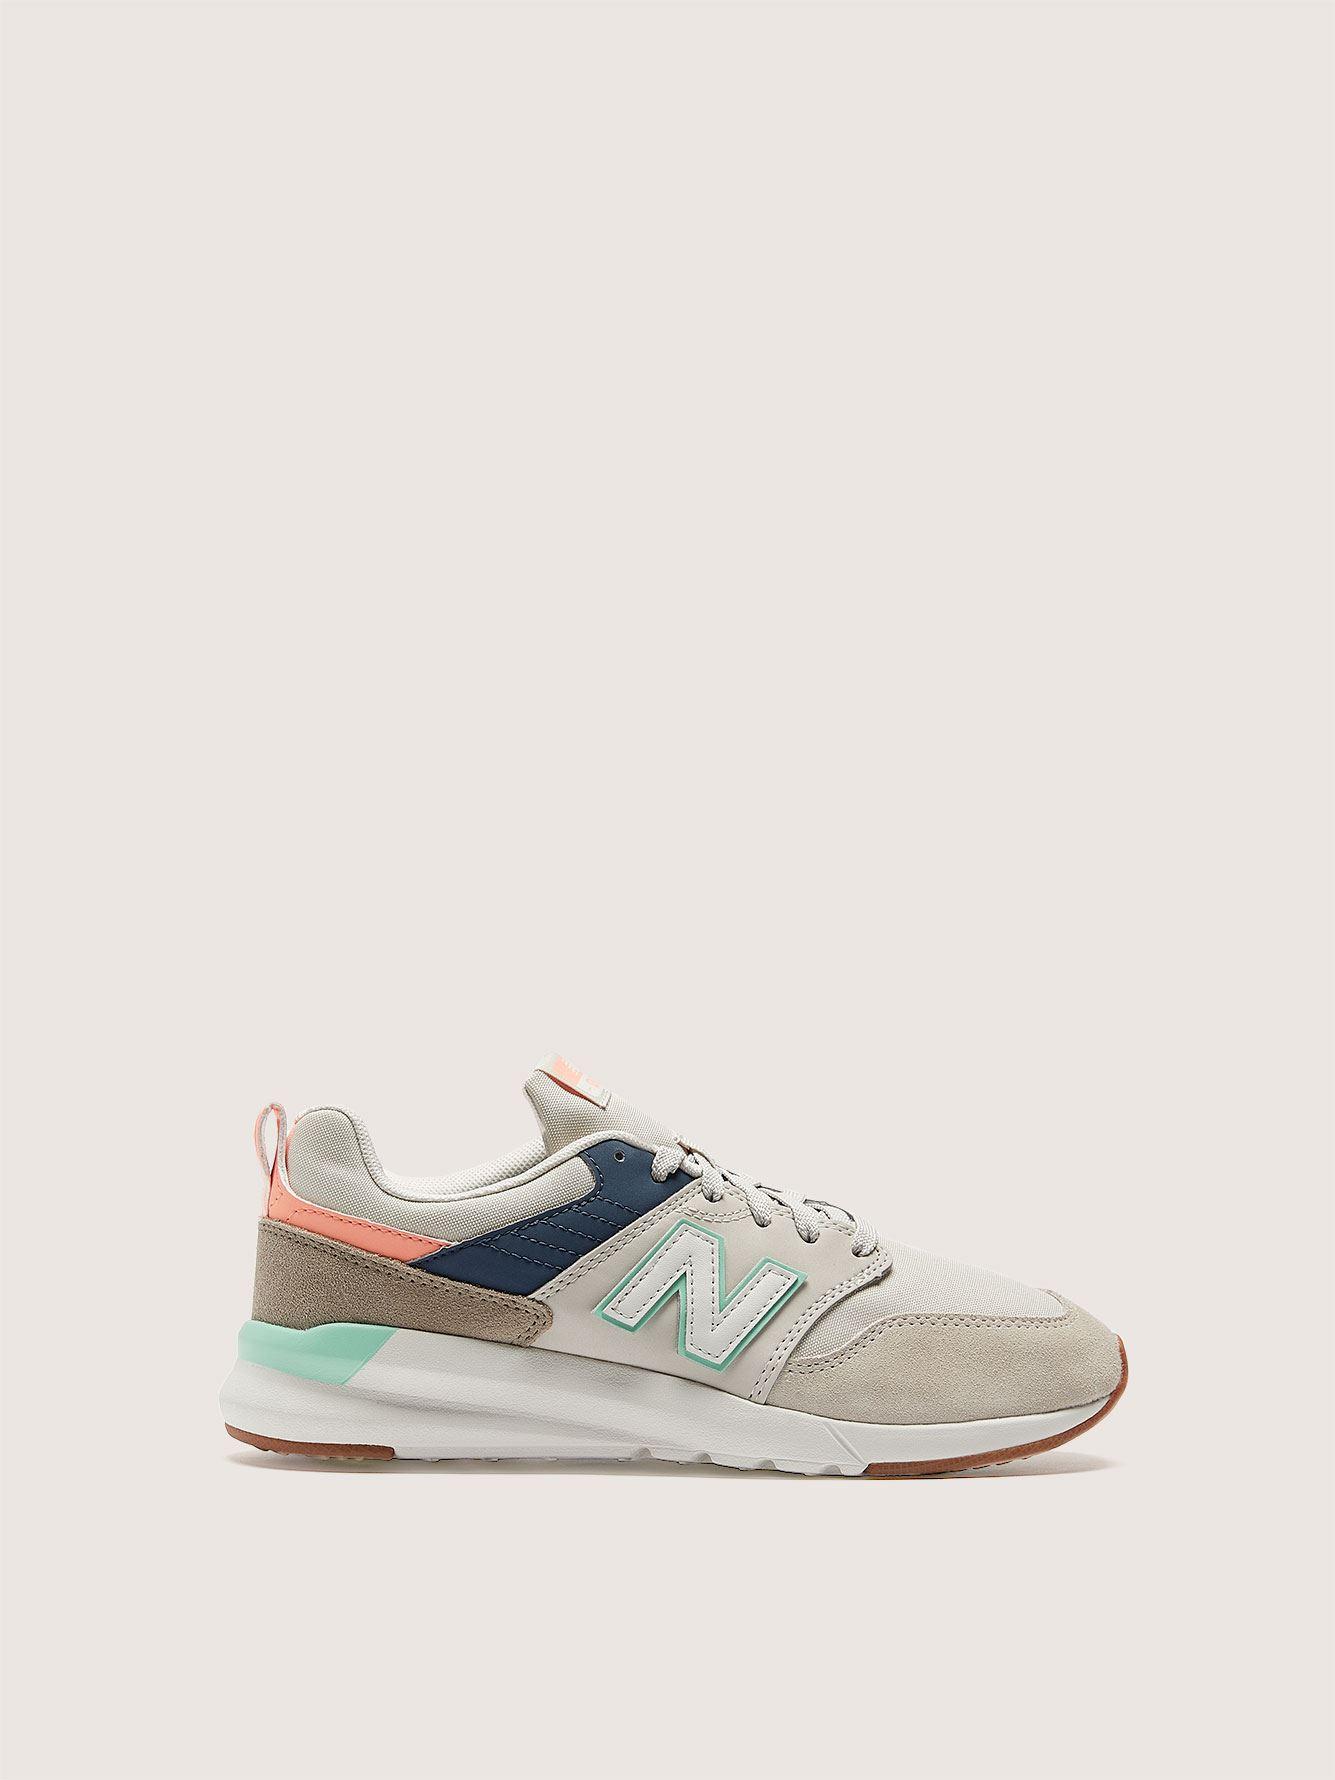 Wide Width Vintage Sneaker - New Balance